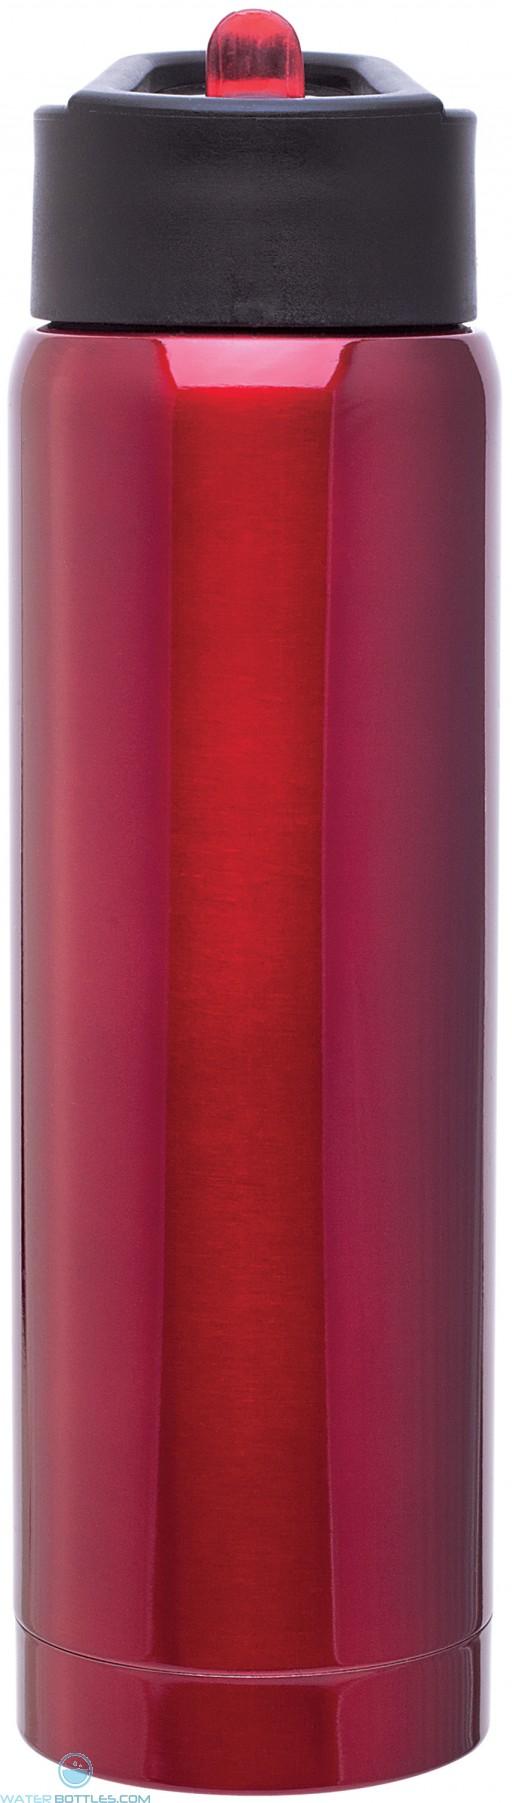 17 oz h2go arctic-red